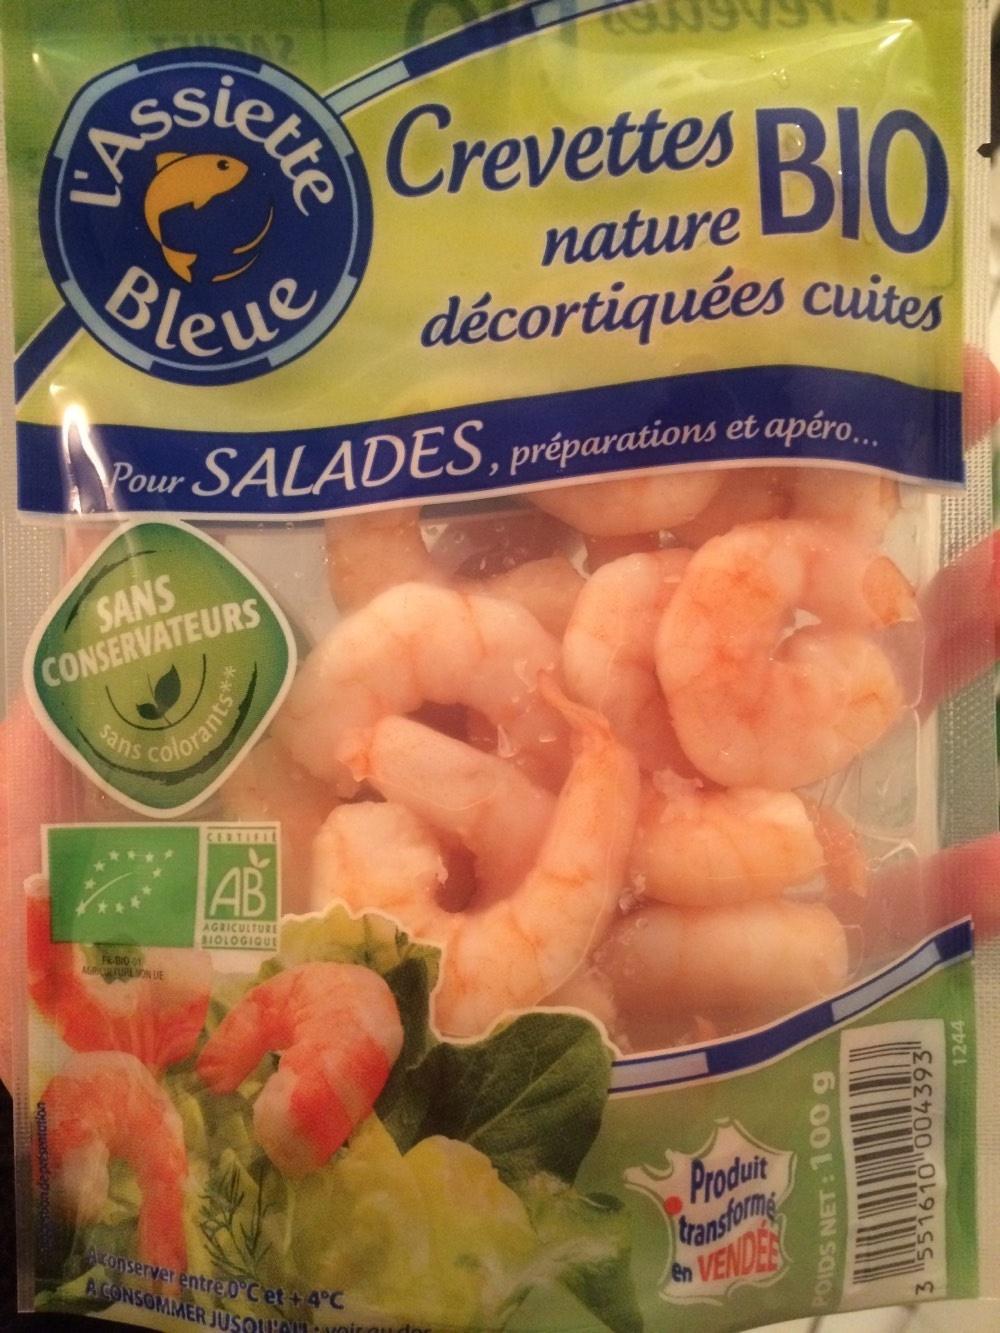 Crevettes nature BIO décortiquées cuites - Product